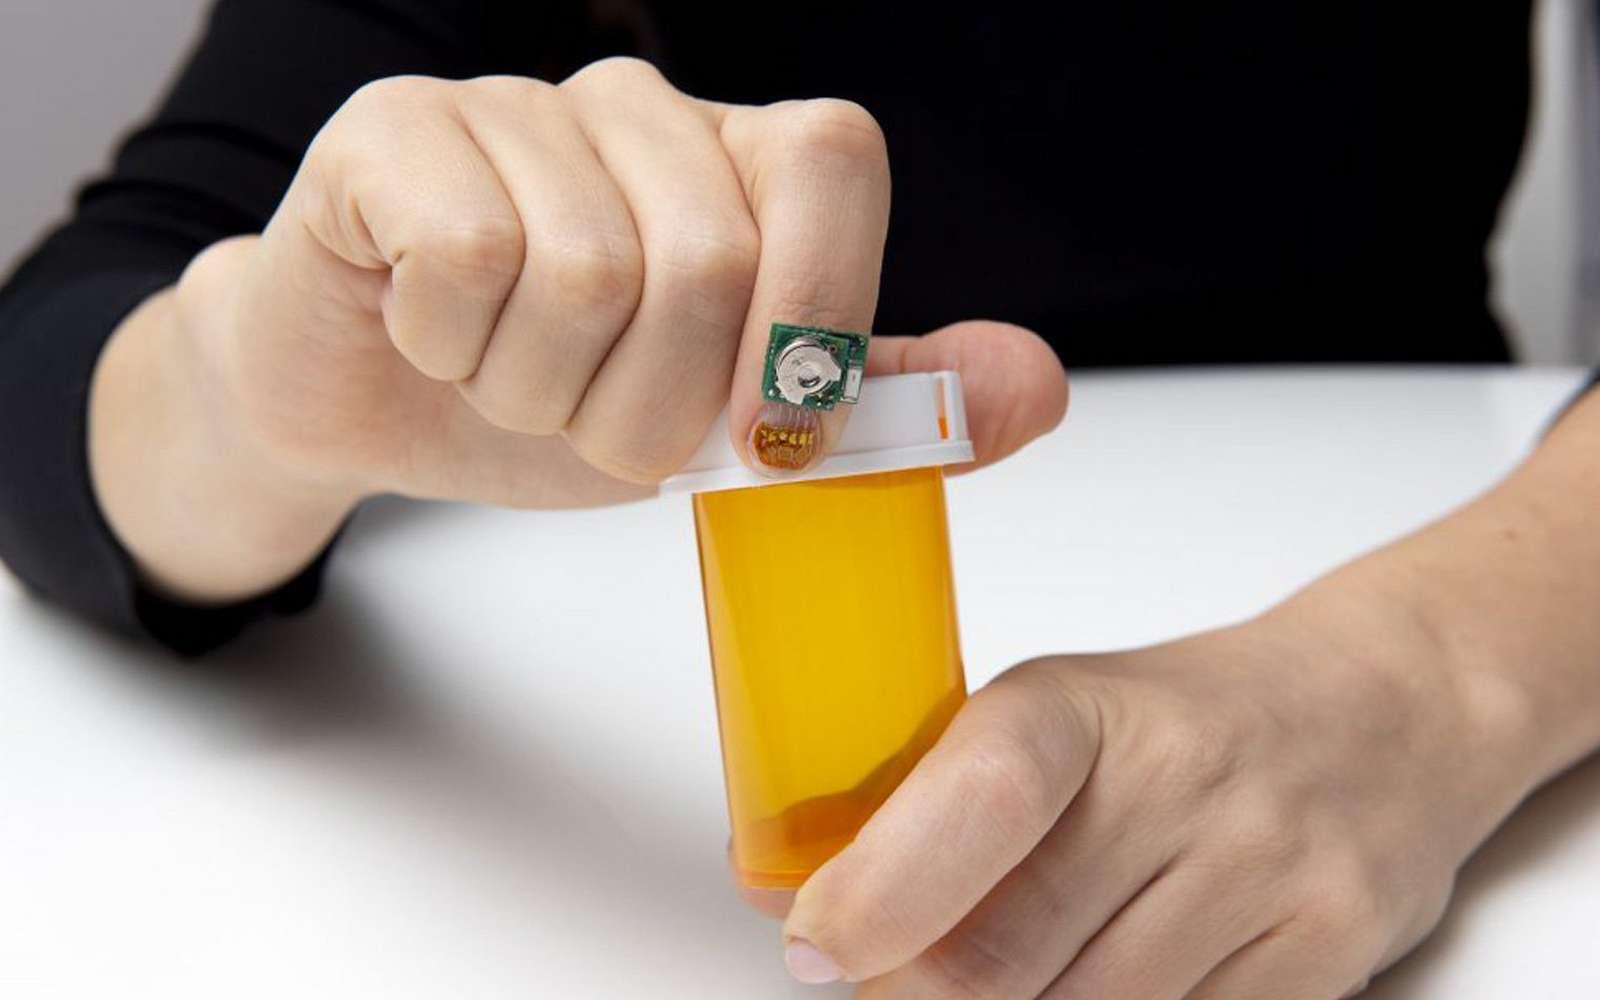 Fixé sur l'ongle, ce capteur est plus solide que ceux posés sur la peau © IBM Lab